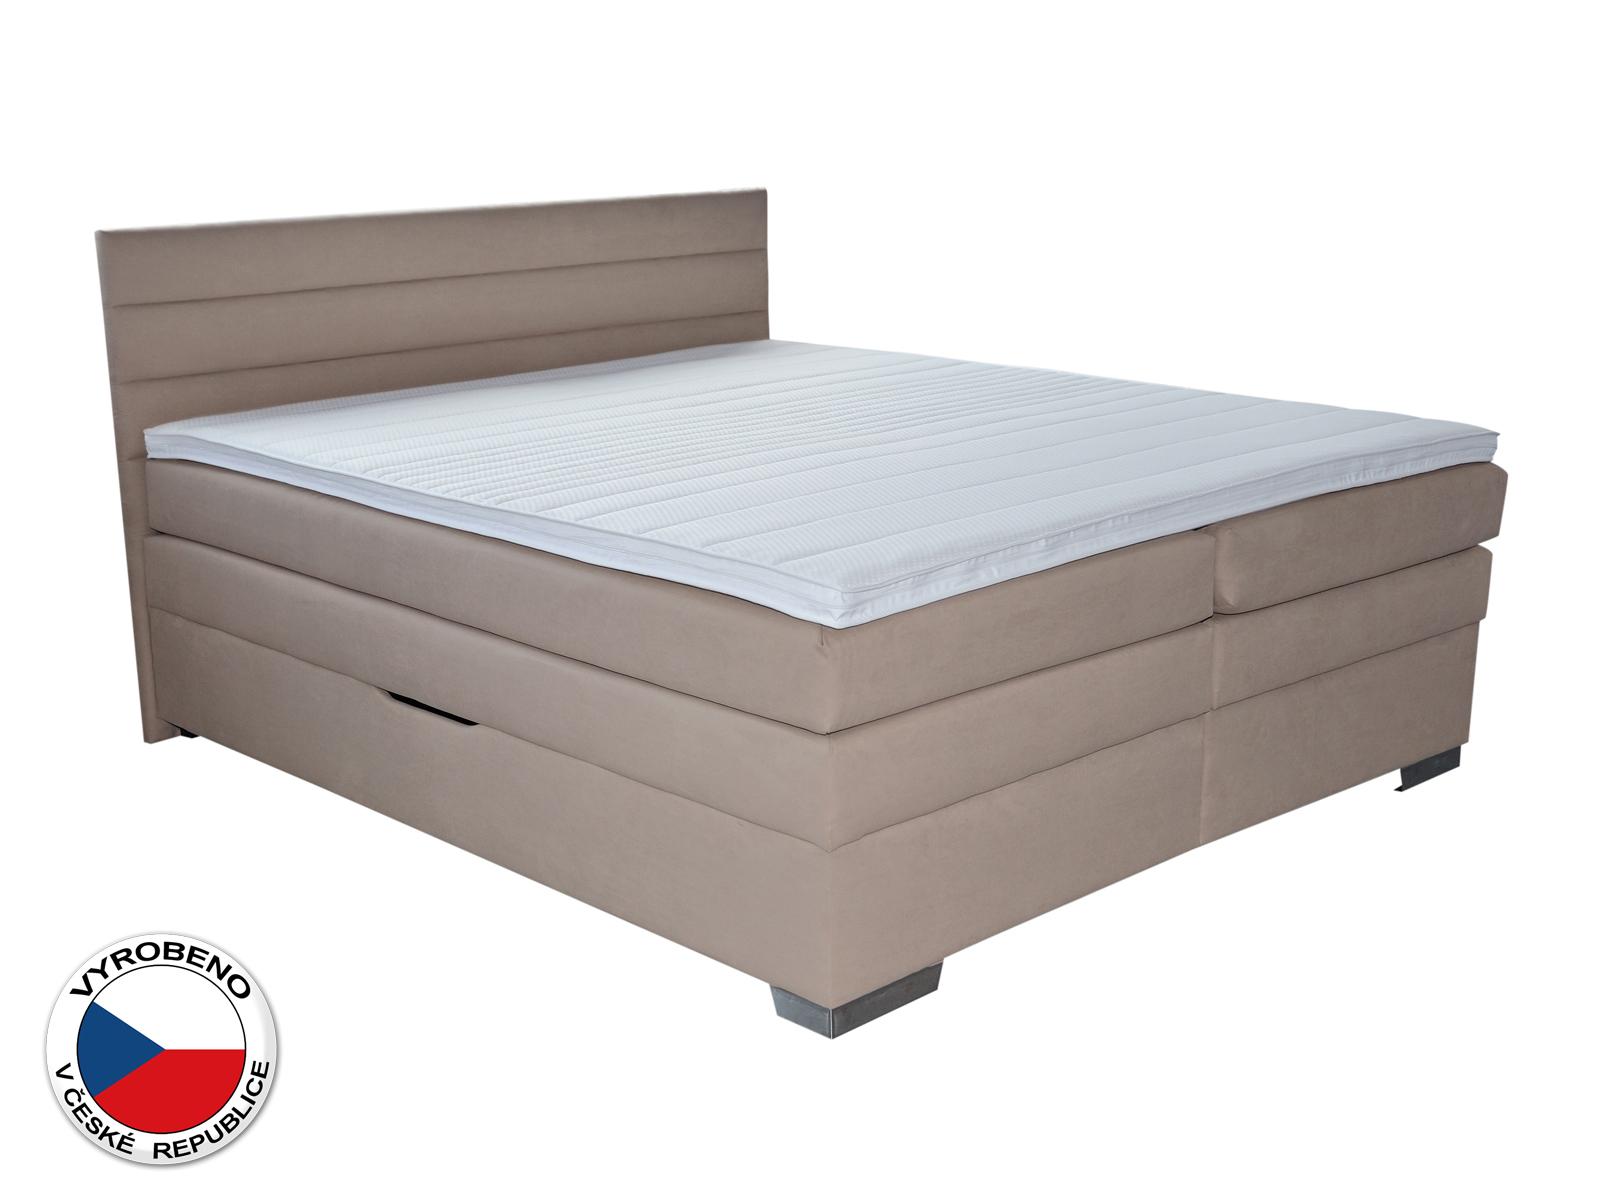 Manželská postel Boxspring 180 cm - Blanár - Twister (béžová) (s roštem a matracemi)